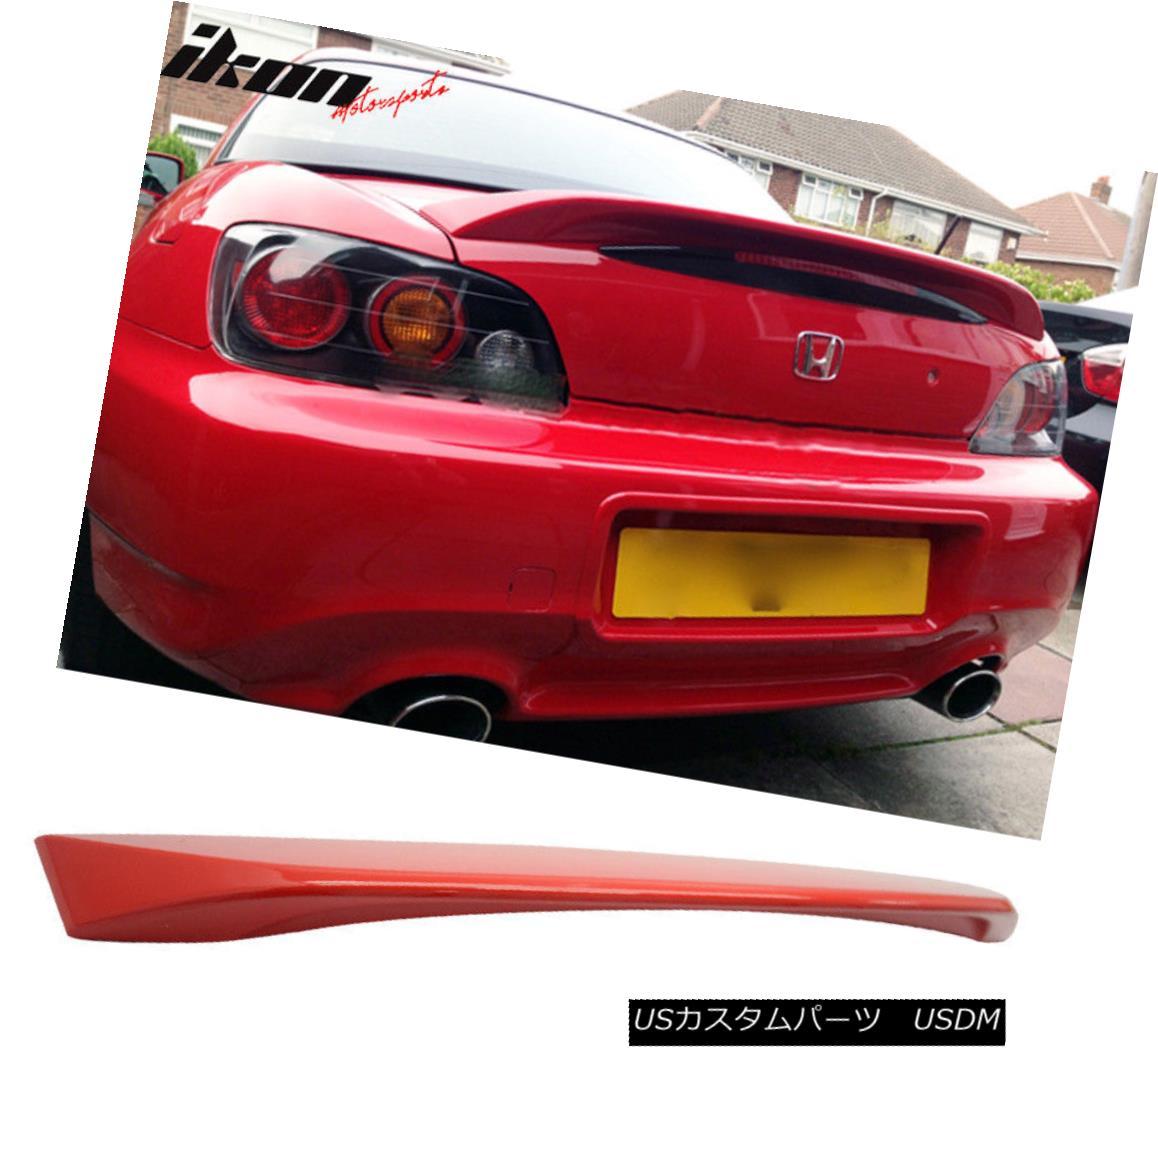 エアロパーツ Fits 00-09 S2000 AP2 Convertible OE Trunk Spoiler Painted #R510 Formula Red フィット00-09 S2000 AP2コンバーチブルOEトランク・スポイラー#R510フォーミュラ・レッド